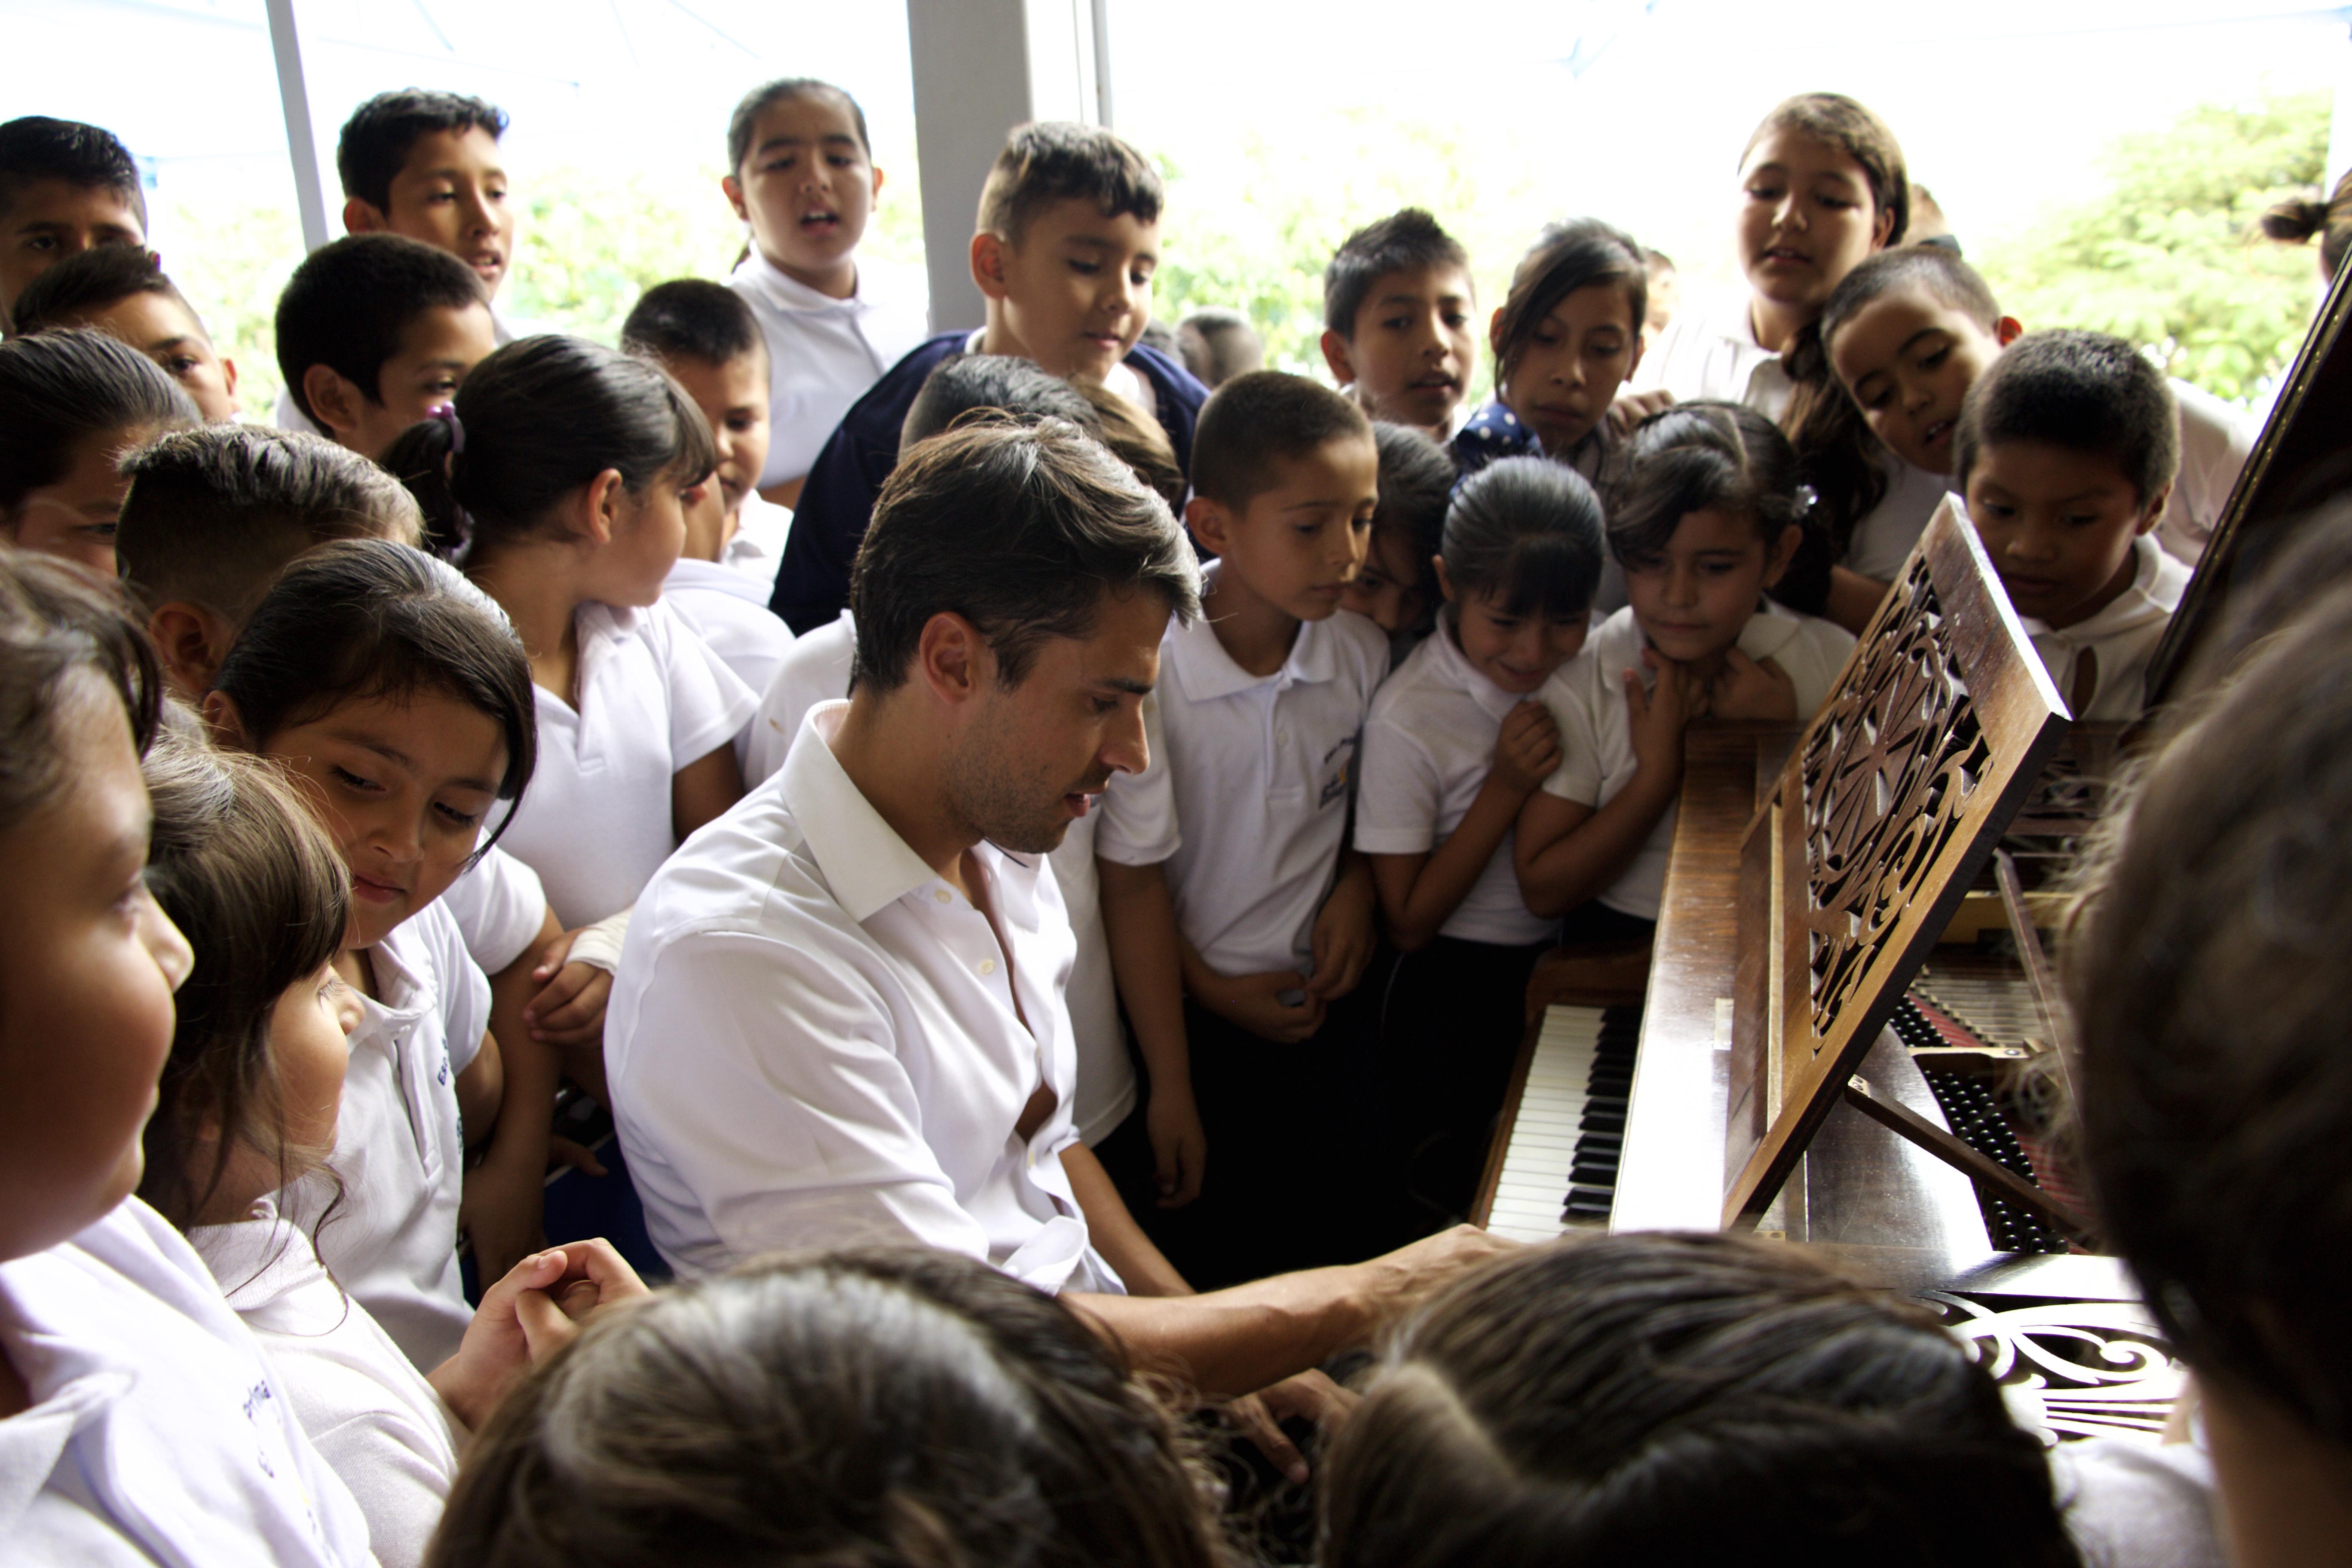 7Tocando el nuevo piano de cola de los ninos que viajo desde Suiza copie